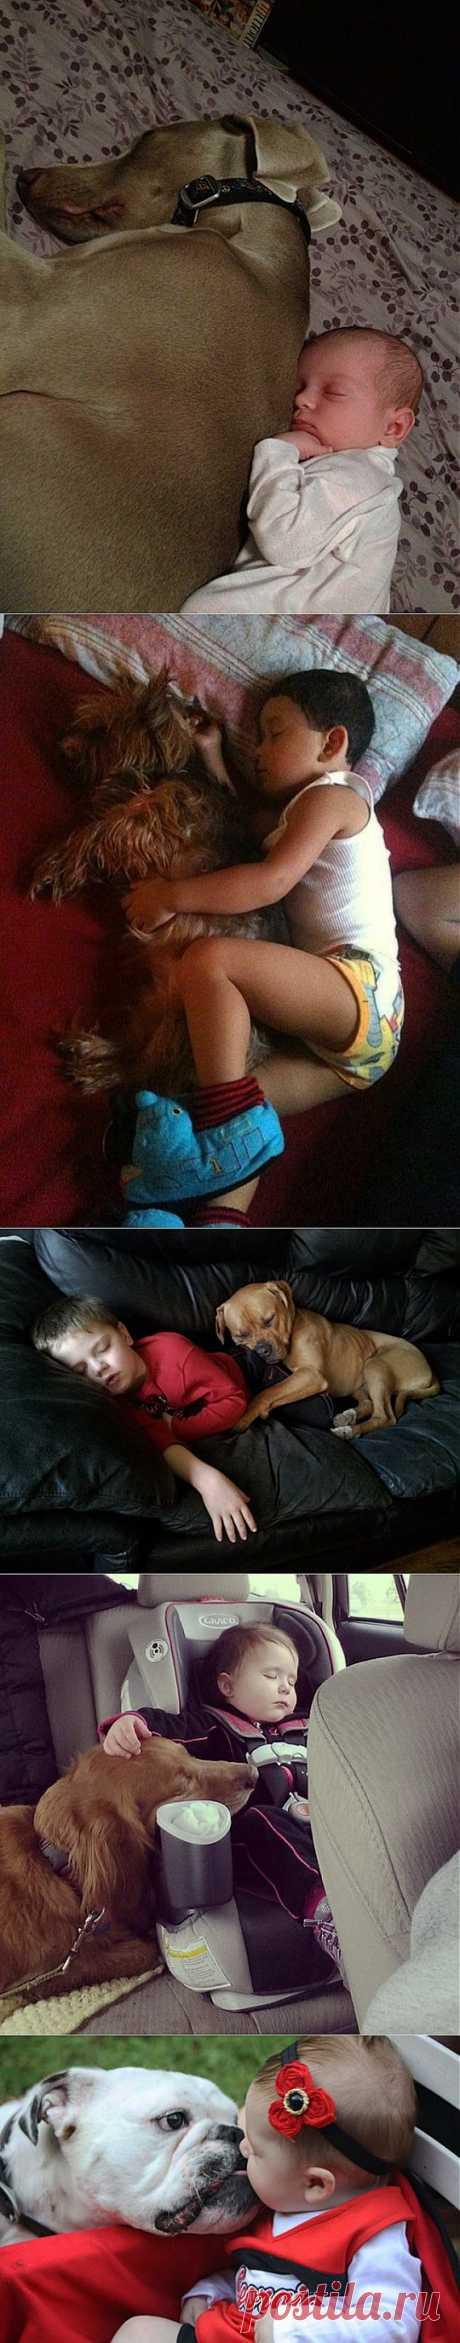 Очень милые фотографии детей с собаками | ЛЮБИМЫЕ ФОТО